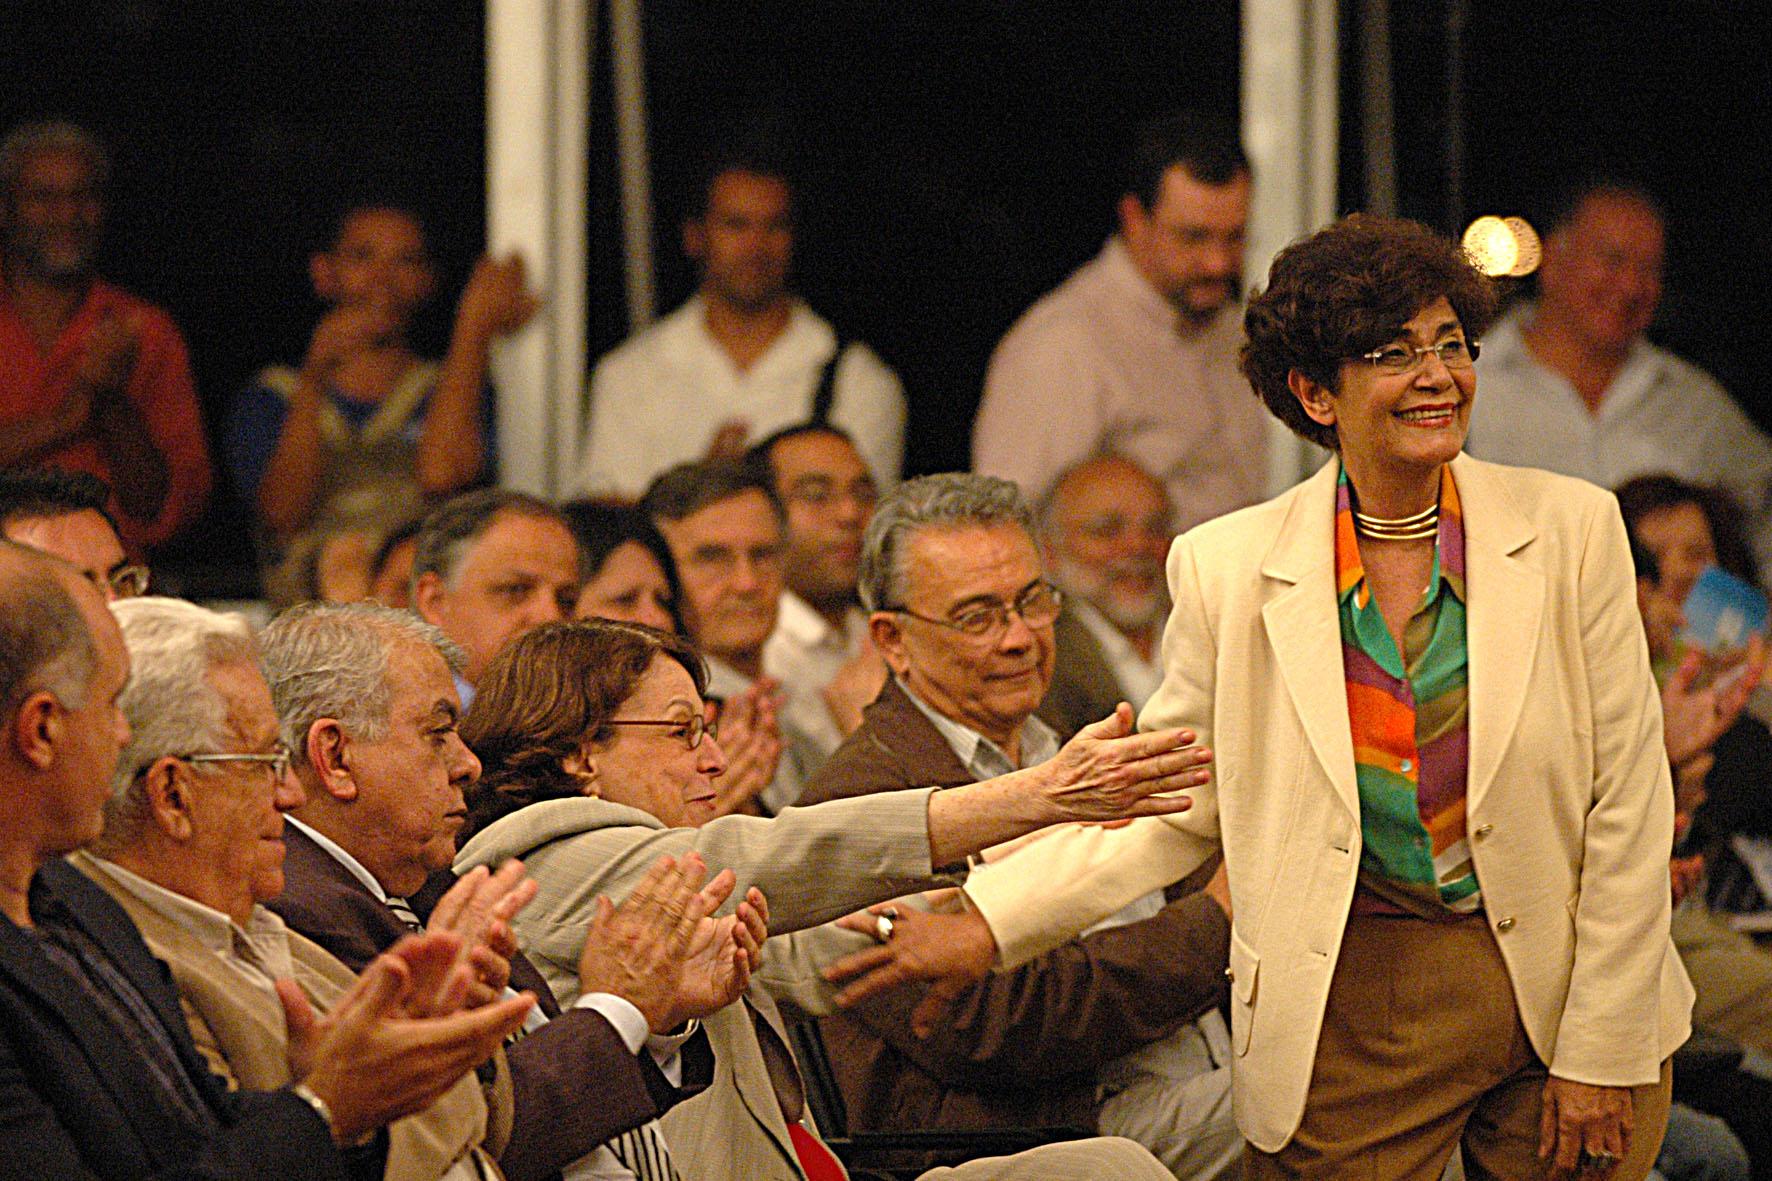 Câmara celebra os 20 anos do primeiro governo democrático popular da cidade de São Paulo